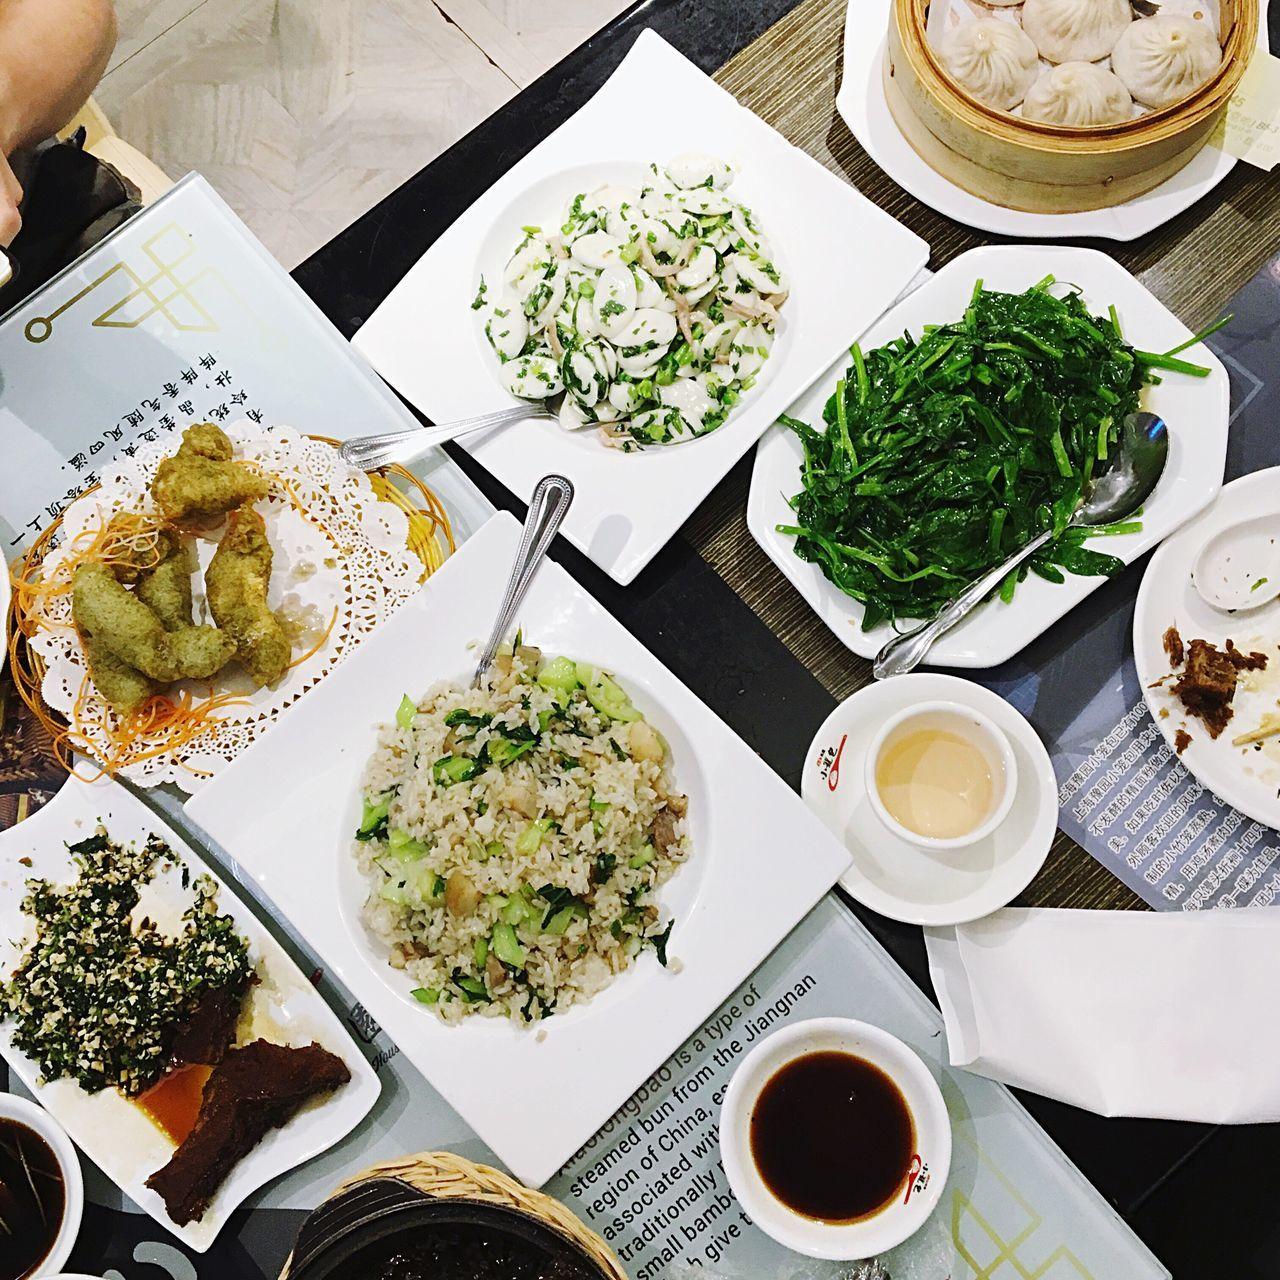 Shanghainese Food Ricecake Friedrice Soupdumplings